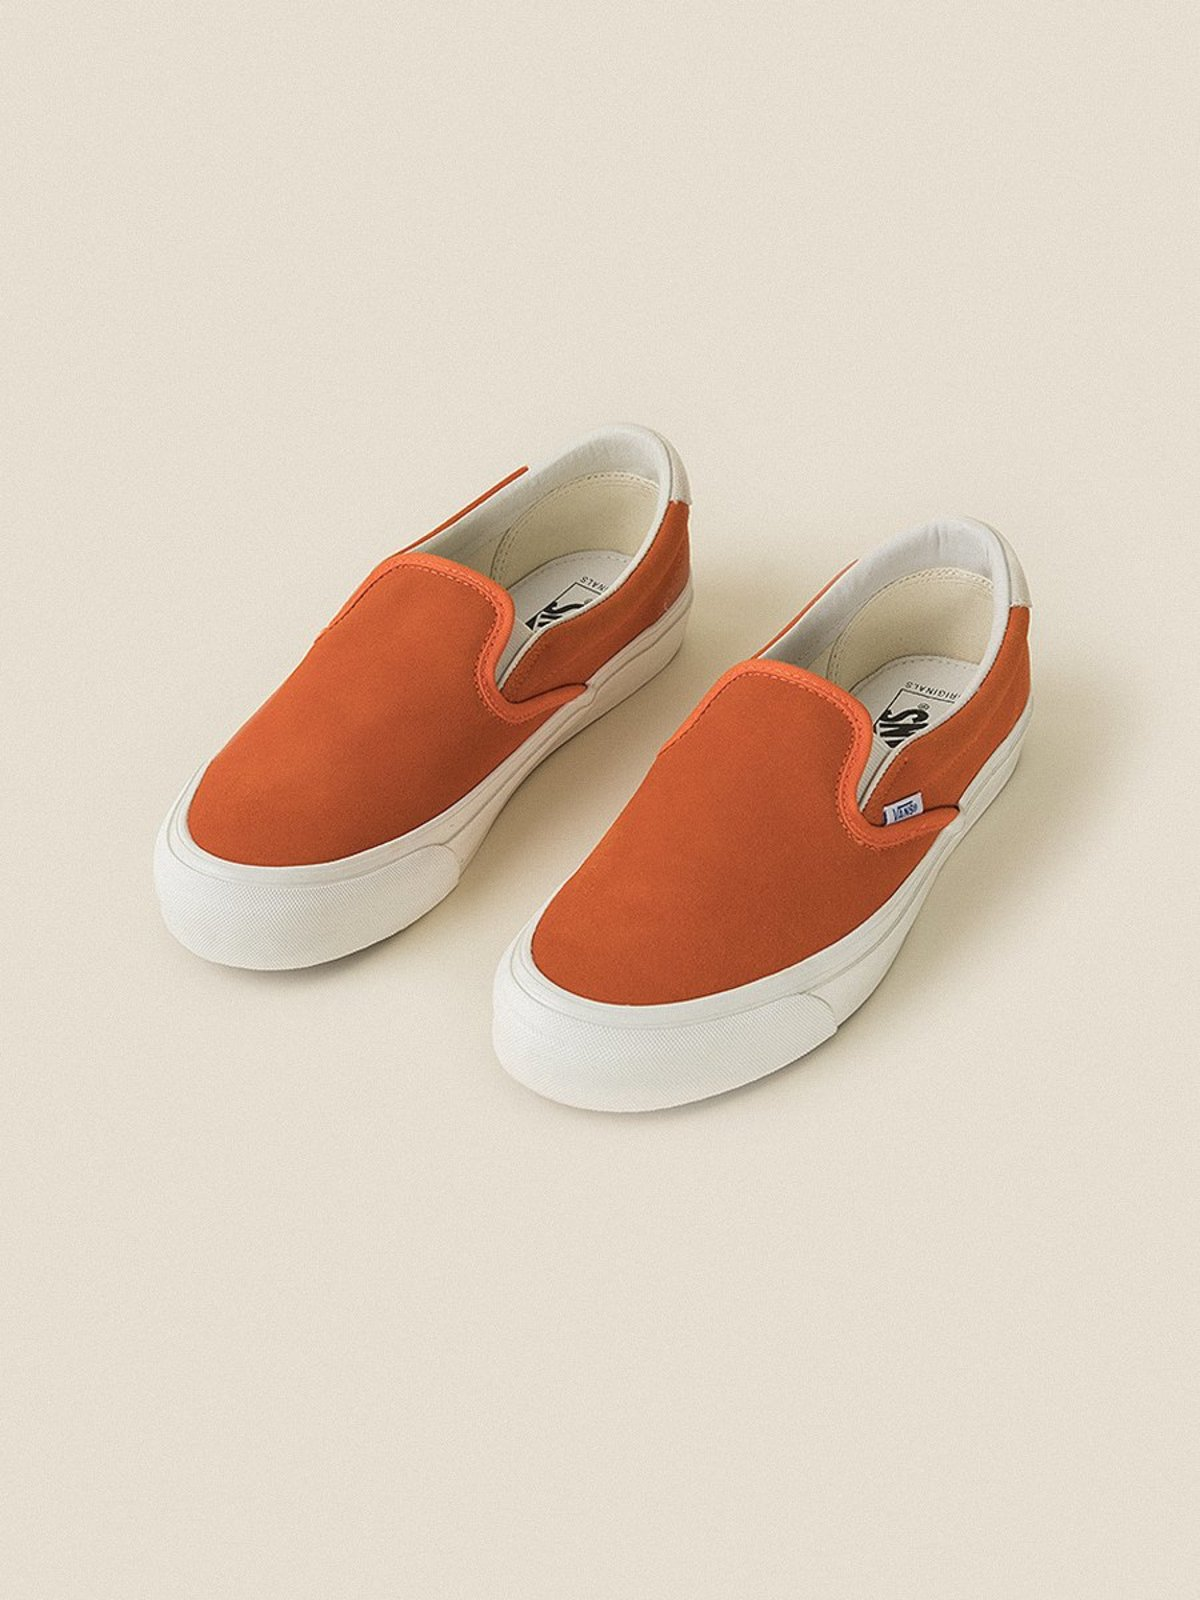 448a560b8c4 VANS VAULT OG Slip-On 59 LX (Suede) Red Orange Marshmallow